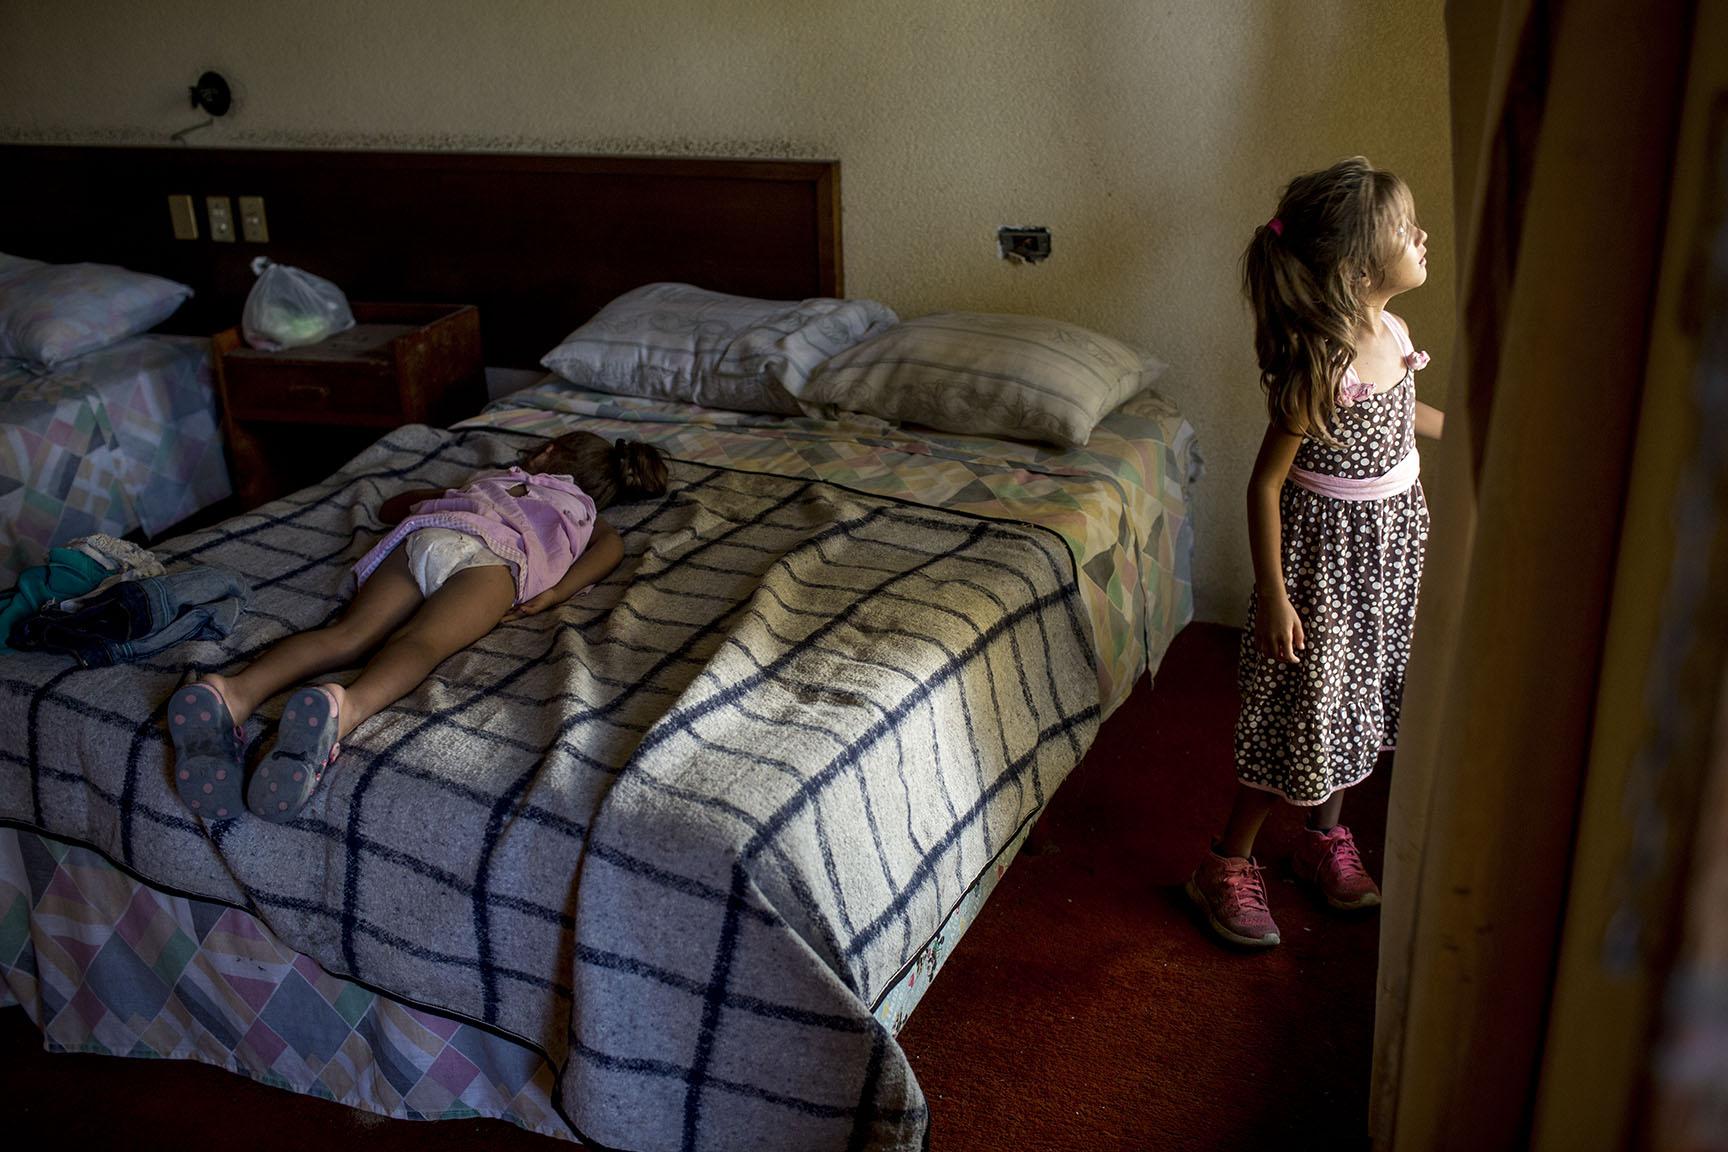 Astrid Melara, 6, mira desde la ventana de un cuarto del hotel, donde pasará la noche con su hermana Nicole, 5, ya dormida encima de la cama / Simone Dalmasso